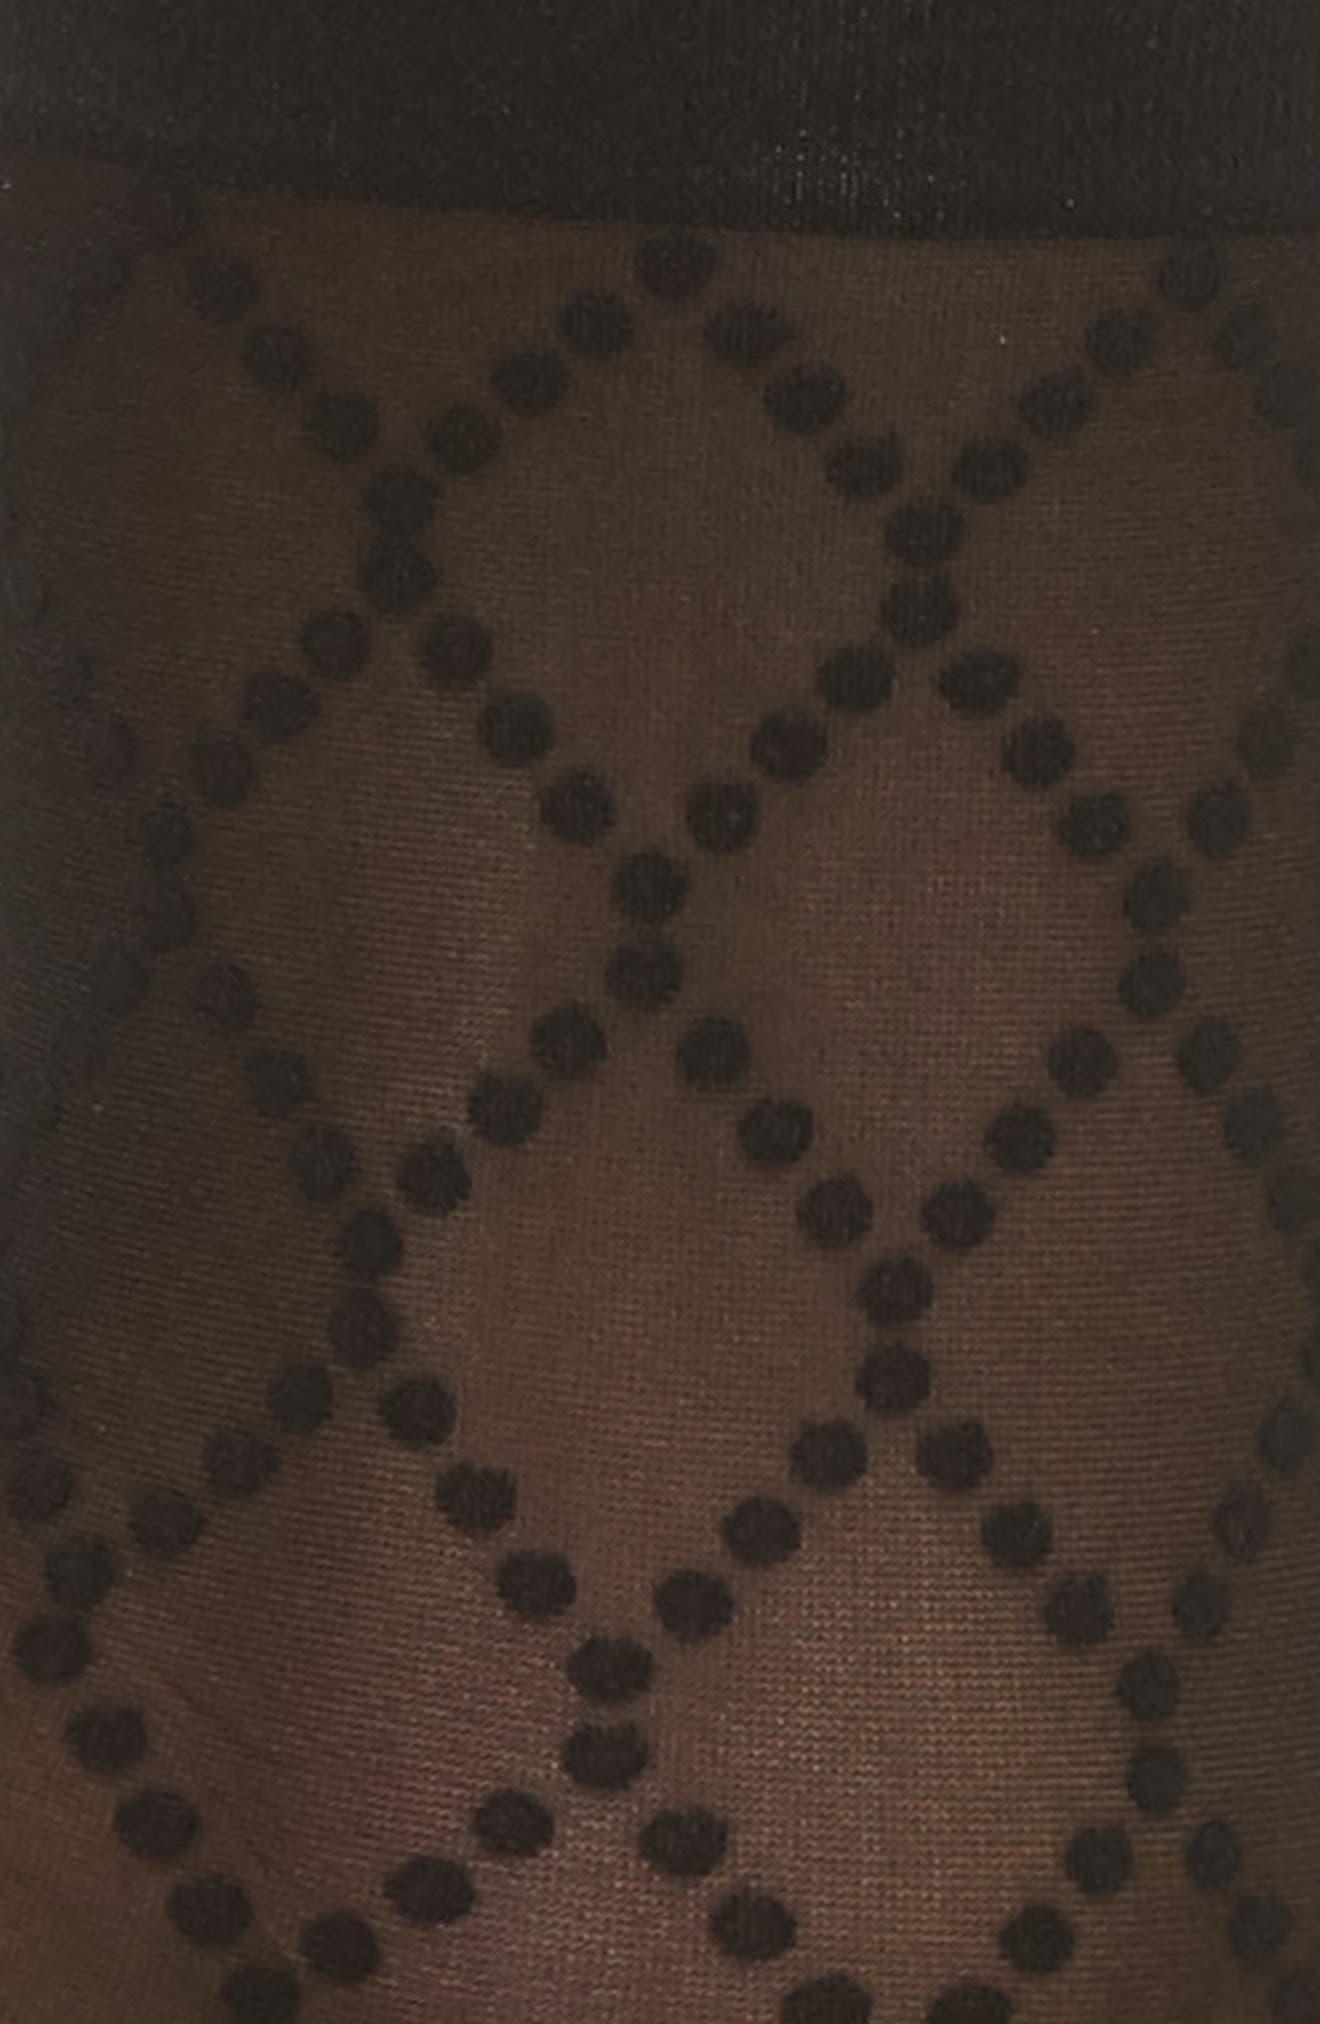 Dot Mesh Trouser Socks,                             Alternate thumbnail 2, color,                             Black/ Black